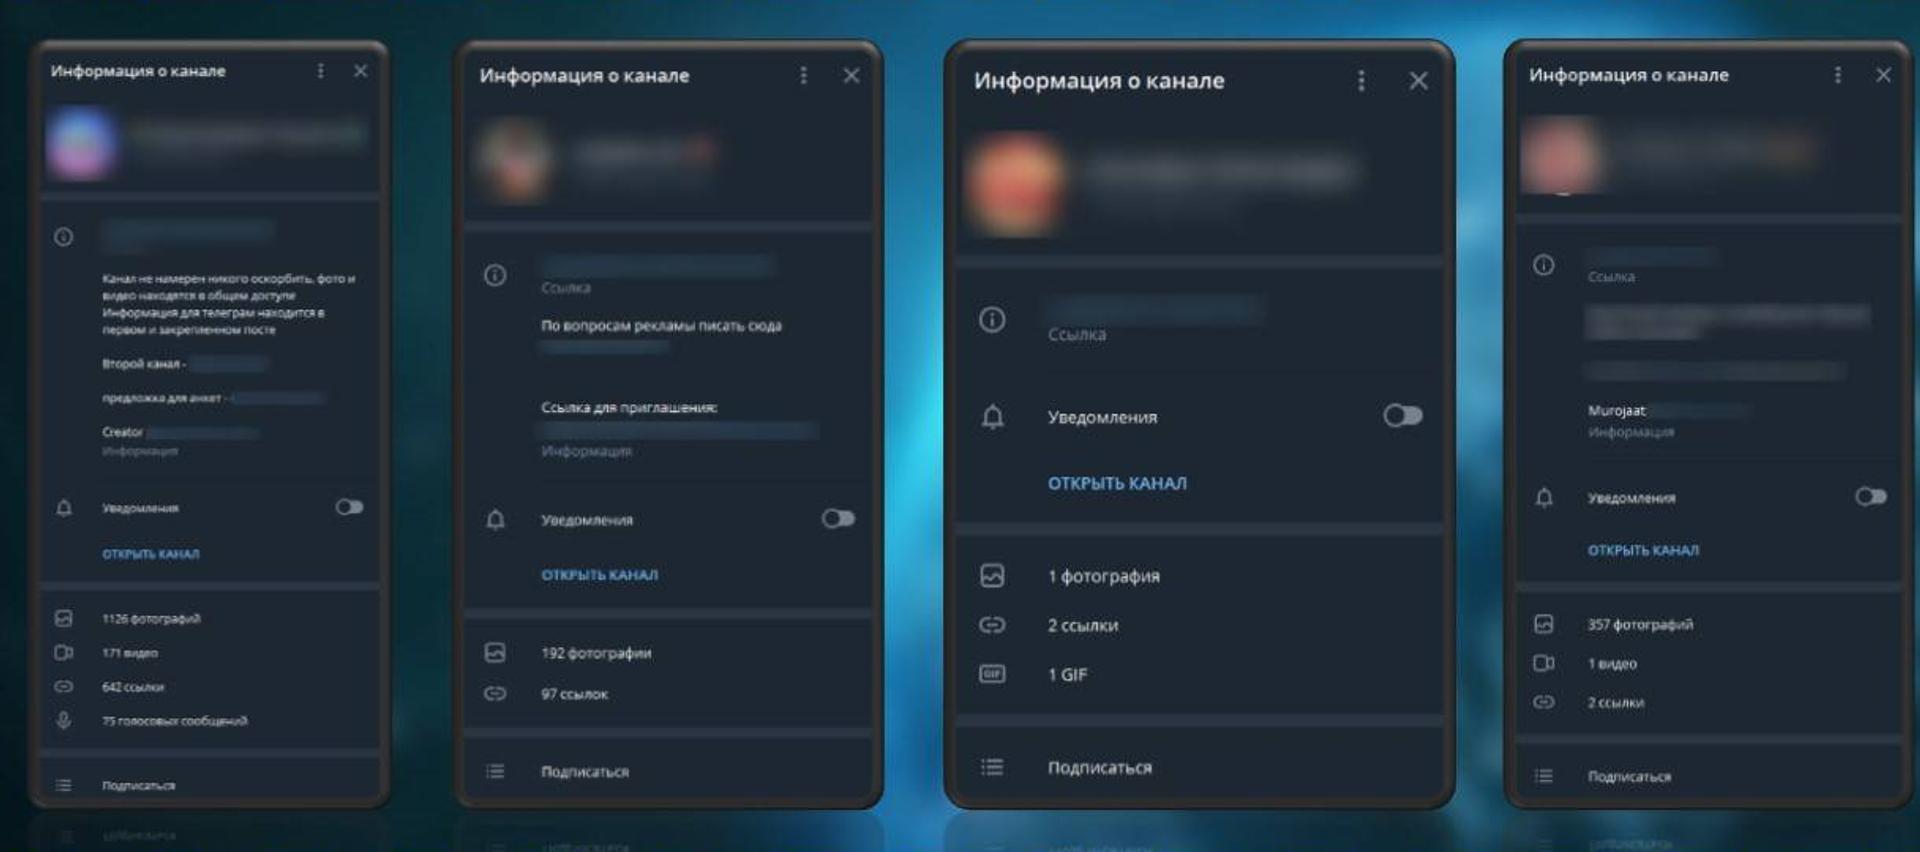 Telegram-каналы, которые удалось вычислить МВД РУз - Sputnik Узбекистан, 1920, 08.10.2021